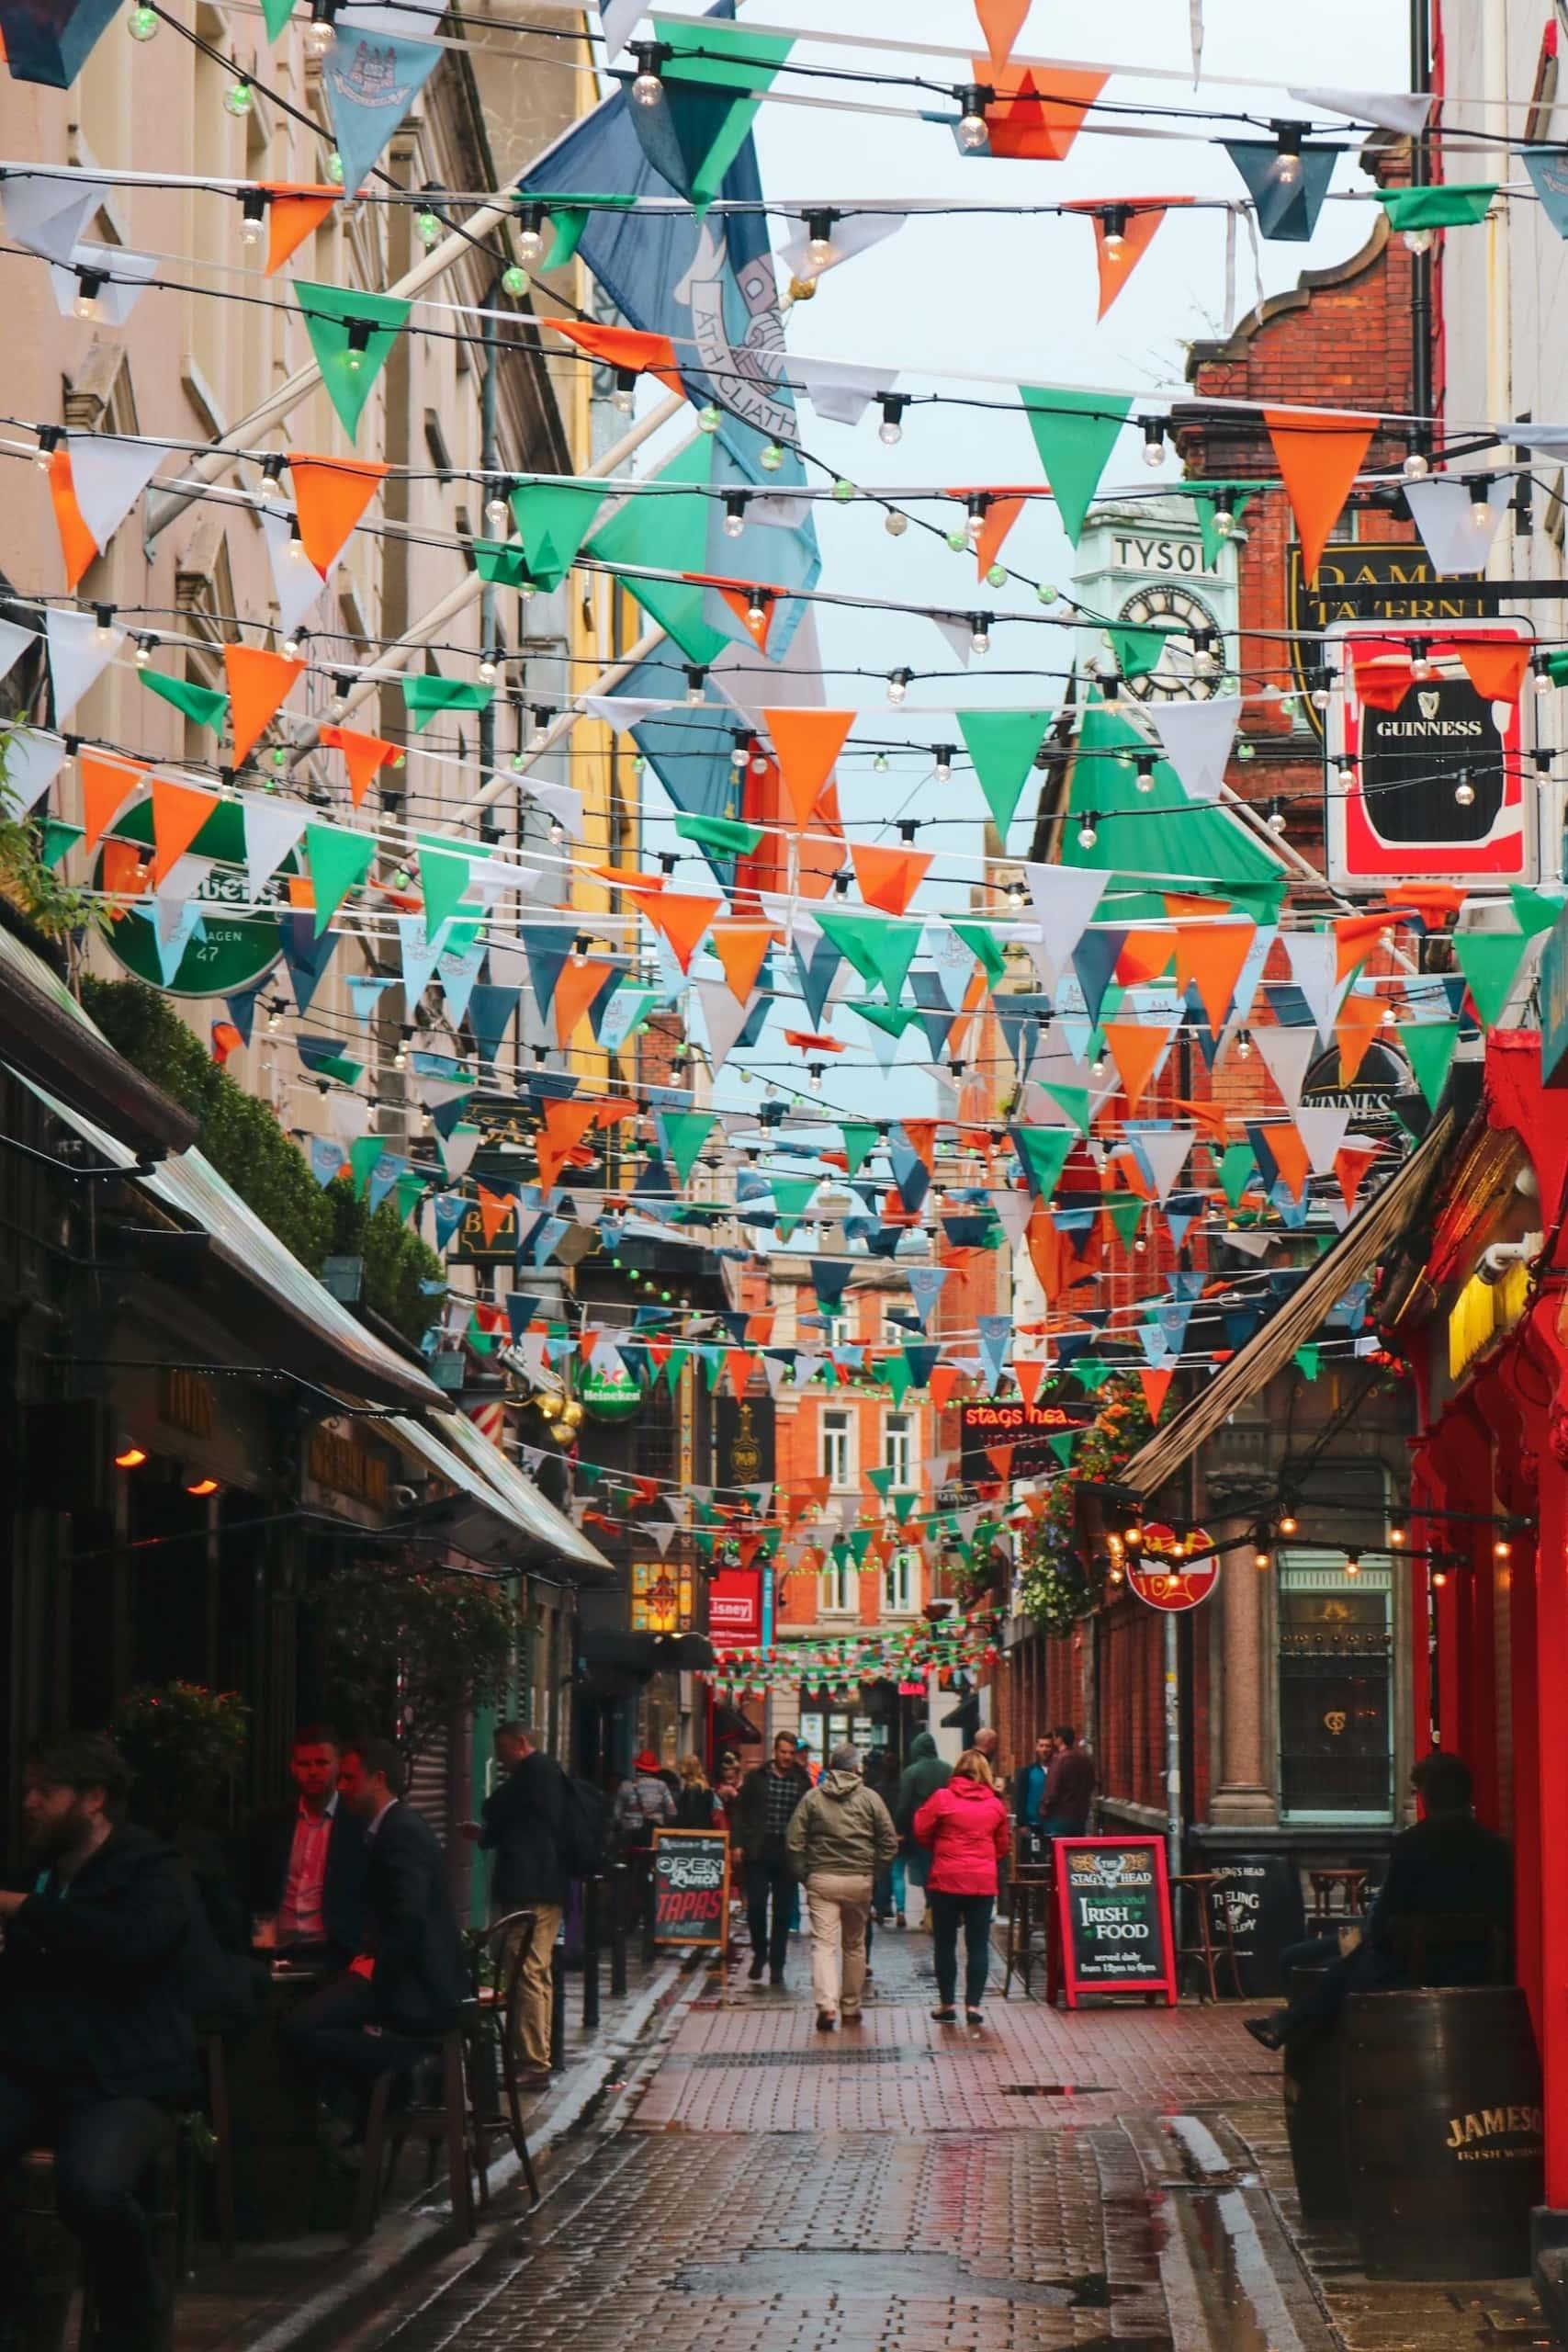 Belebtes Temple Bar Viertel in Dublin. Eine der Sehenswürdigkeiten der Stadt